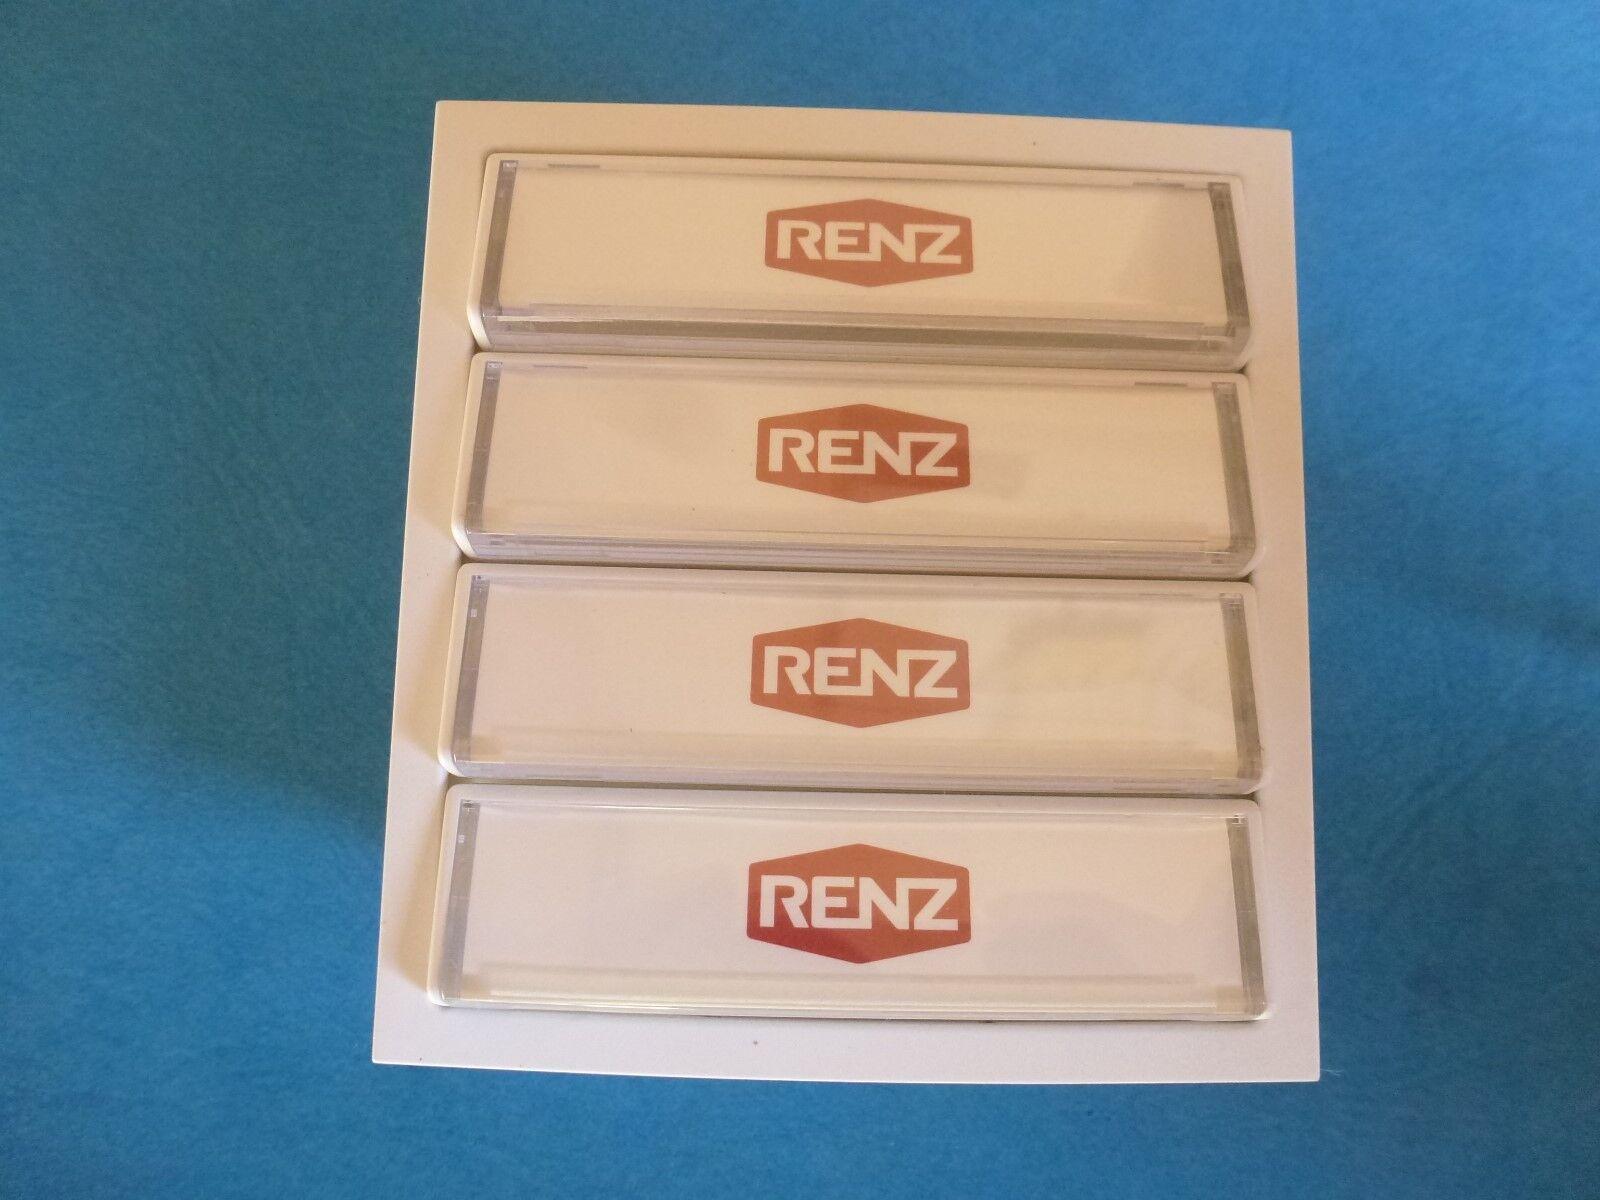 Renz Tastenmodul weiß 97-9-85272 | eine breite Palette von von von Produkten  | Glücklicher Startpunkt  | Praktisch Und Wirtschaftlich  5a724d